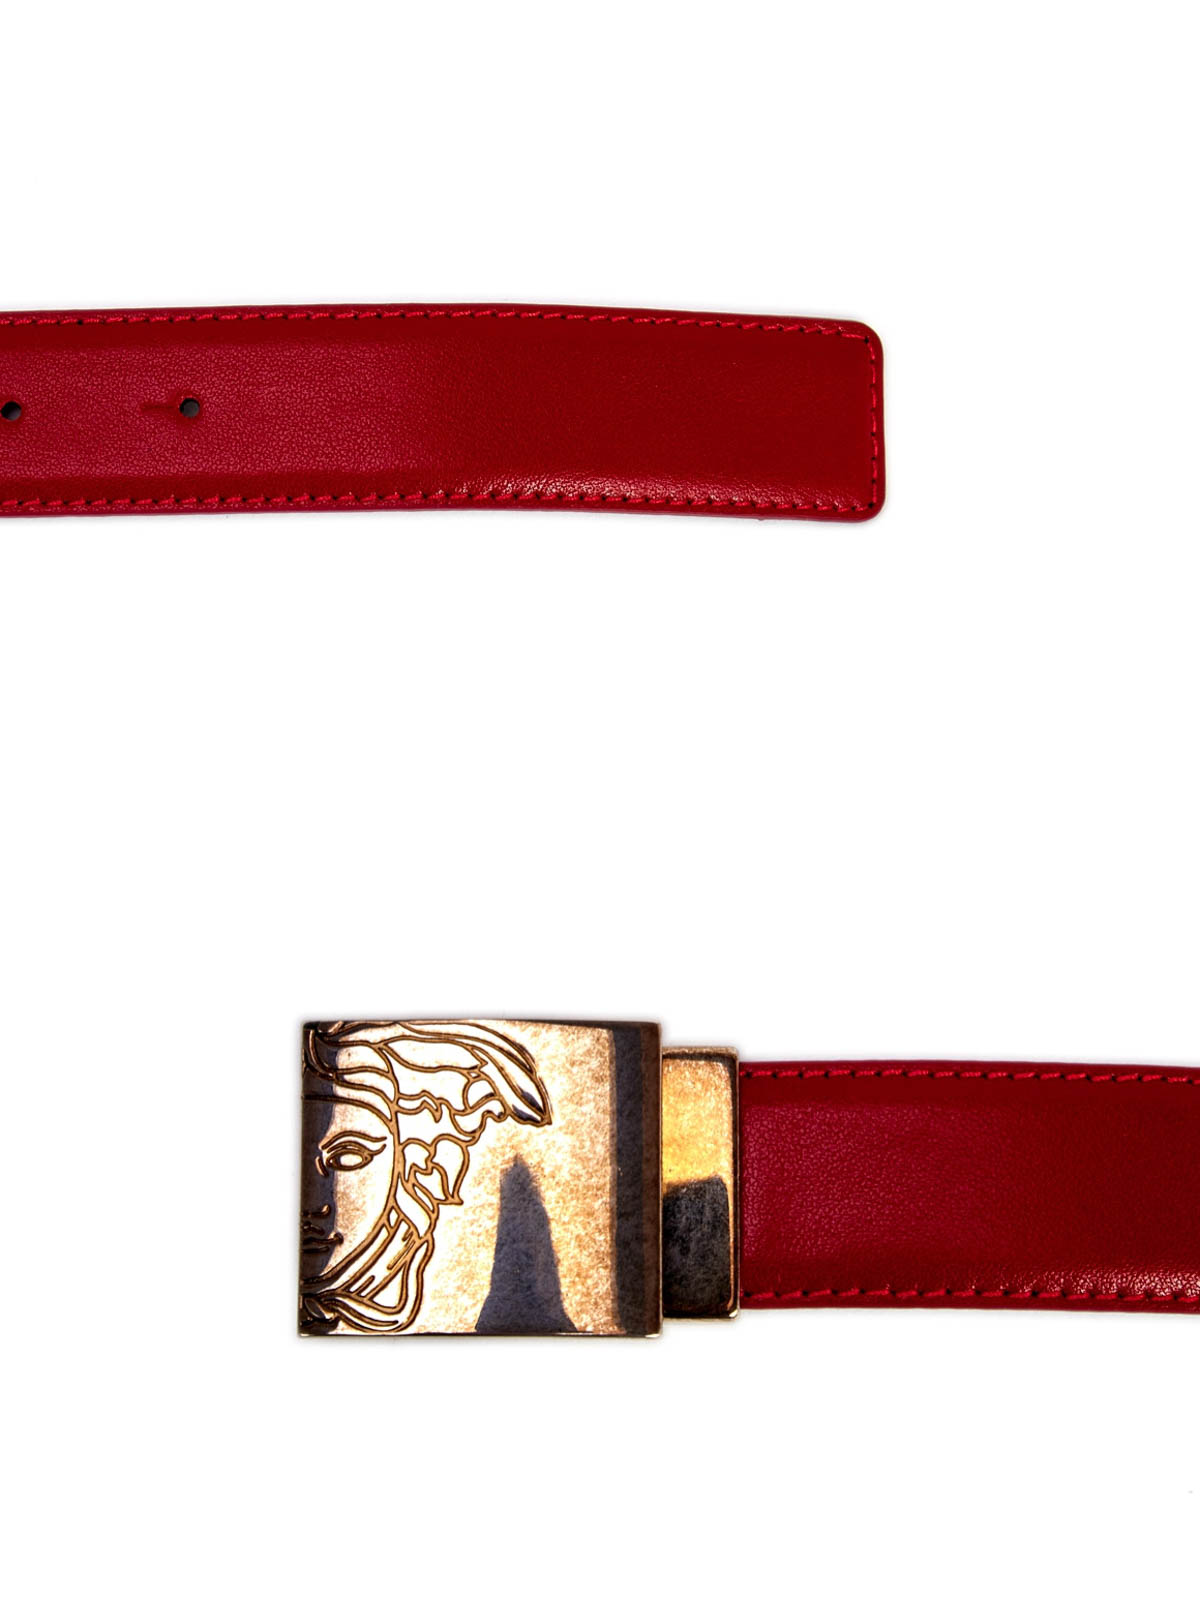 4d40b31a6a7 Versace Collection - Ceinture Rouge Pour Homme - Ceintures - V910226 ...